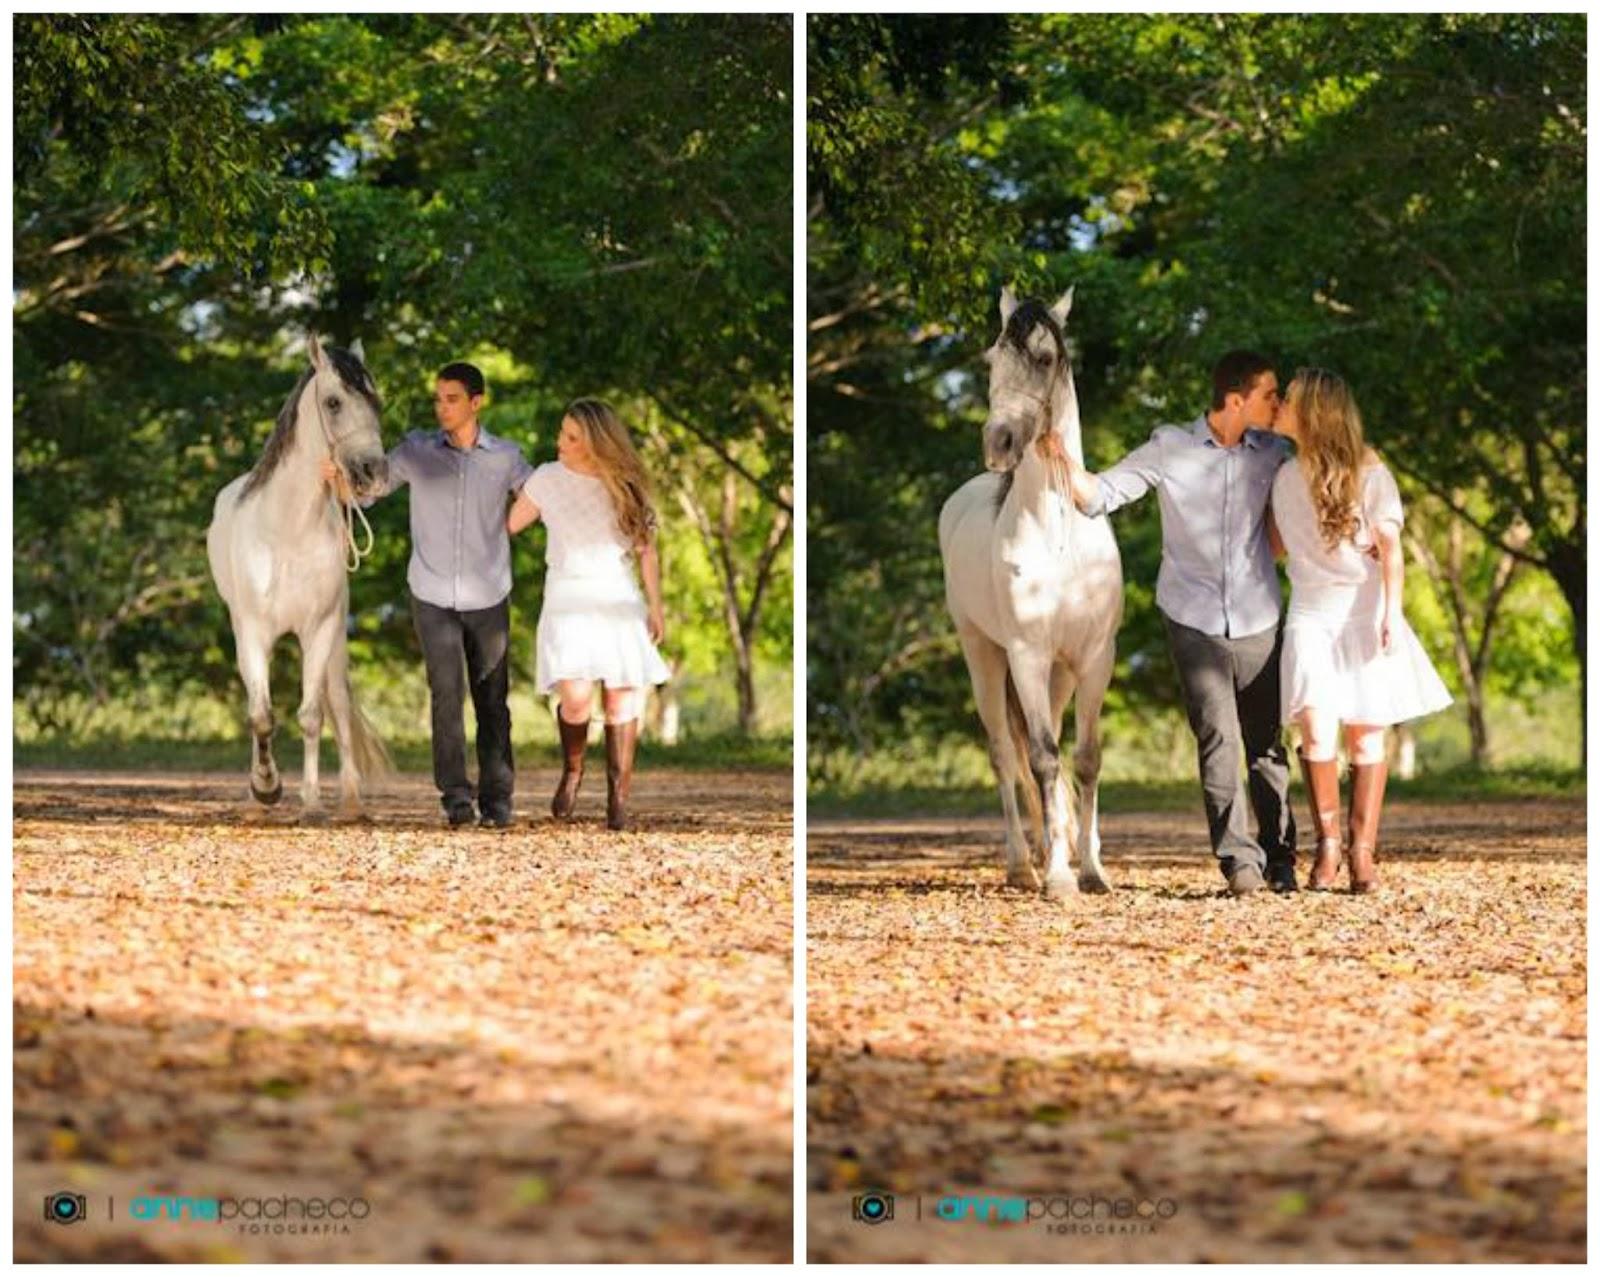 e-session - ensaio de noivos - ensaio - bota - cavalo